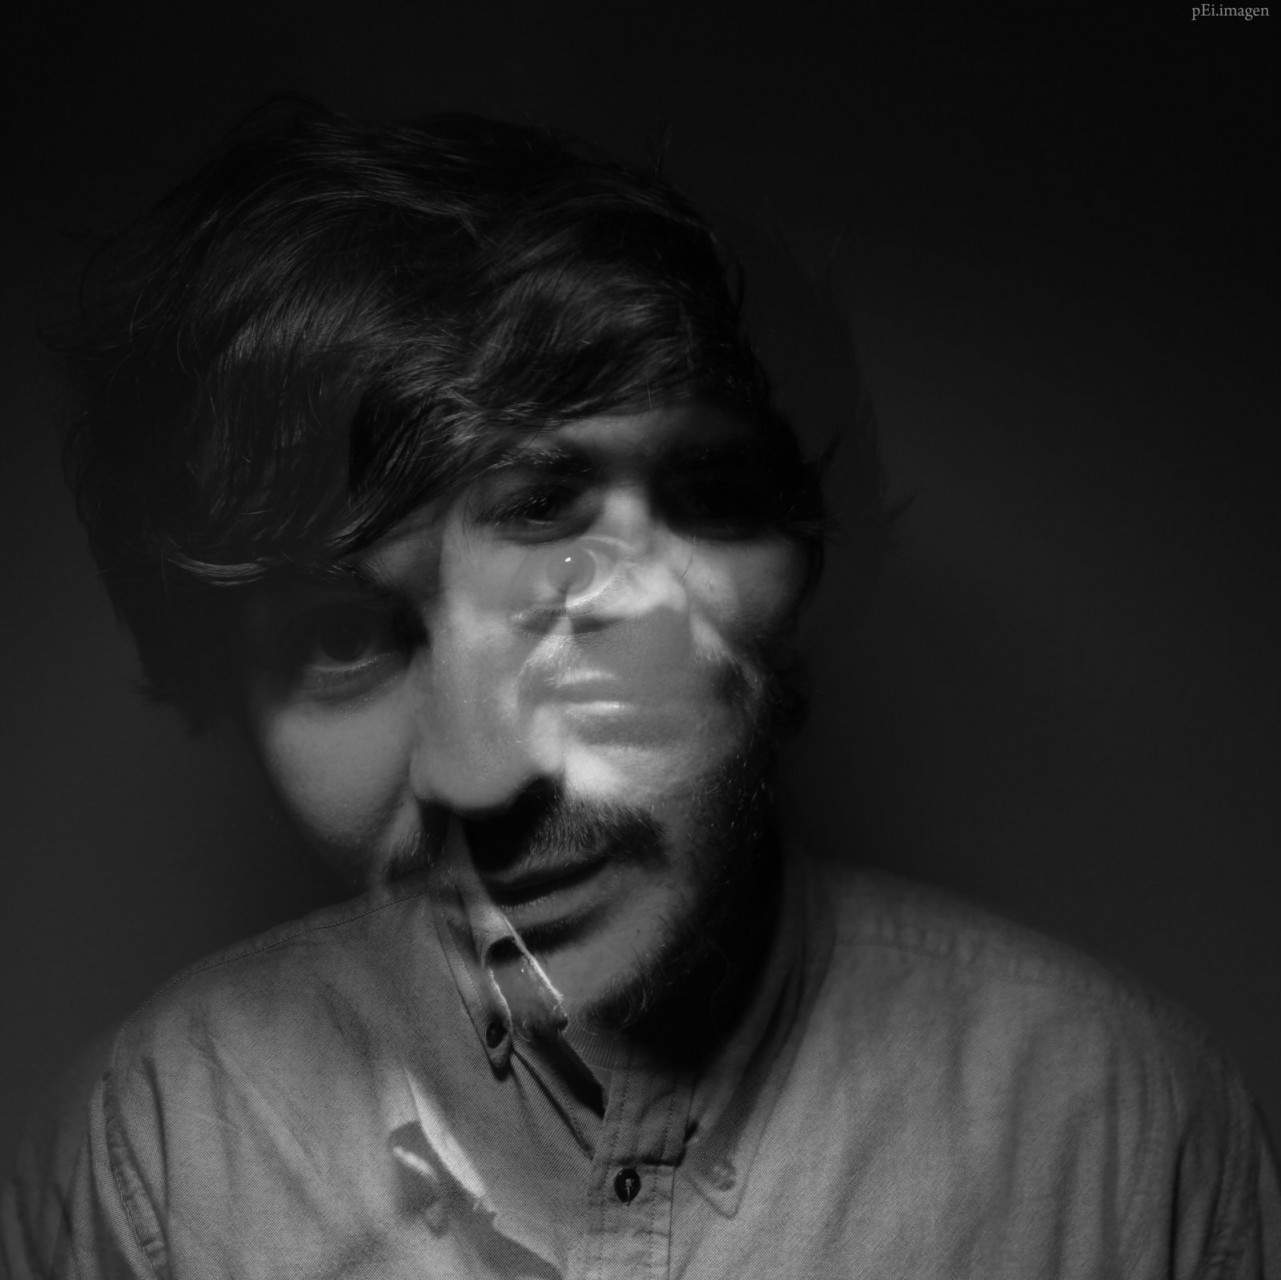 peipegata me myself I proyectos fotografia peipegatafotografia # 004 Antonio Martinez Moral